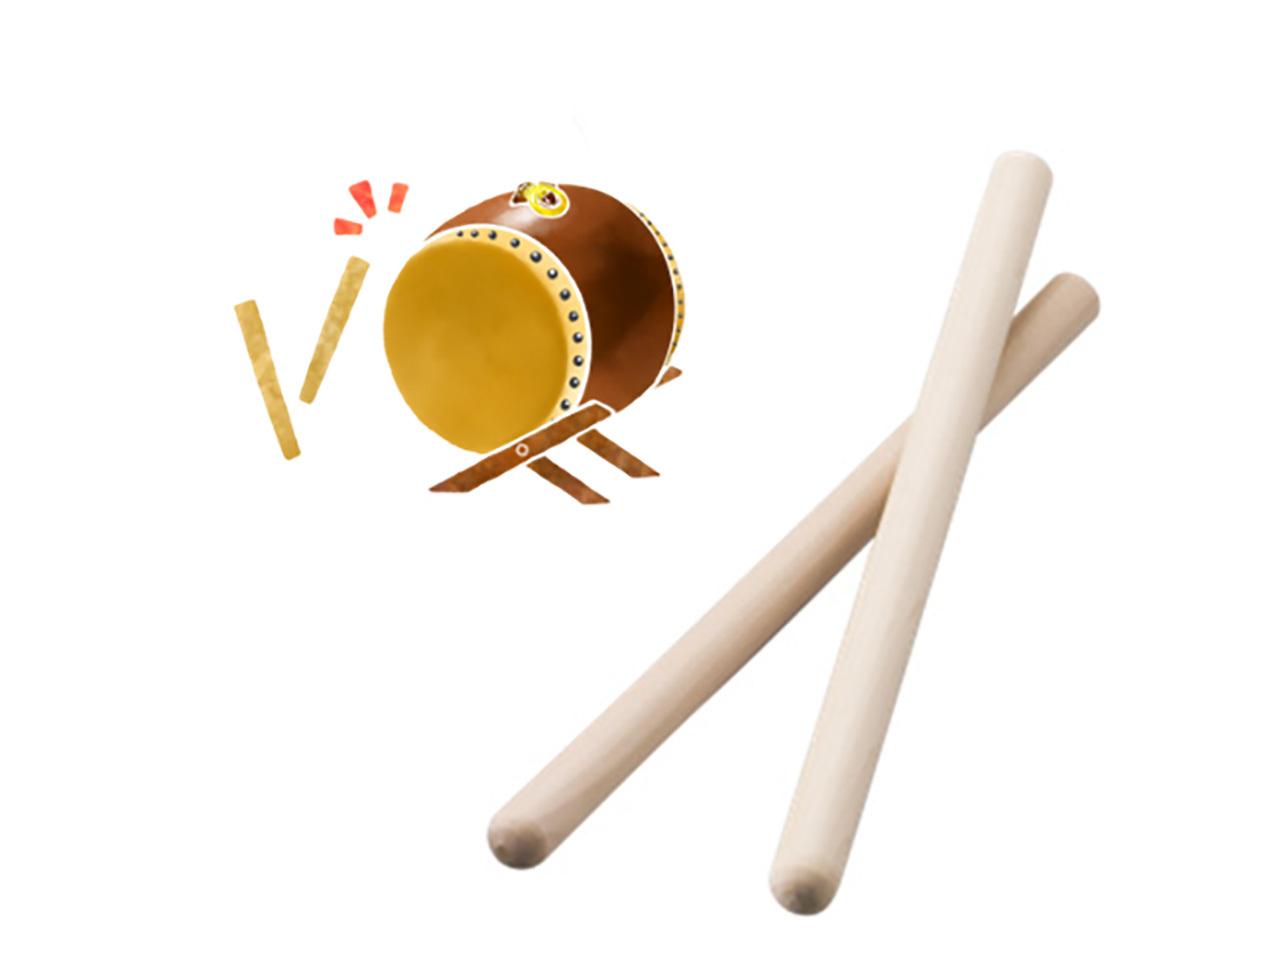 ホオノキの太鼓バチ 2Φ×33cm(2本組)子供におすすめサイズです! ポストIN発送対応商品